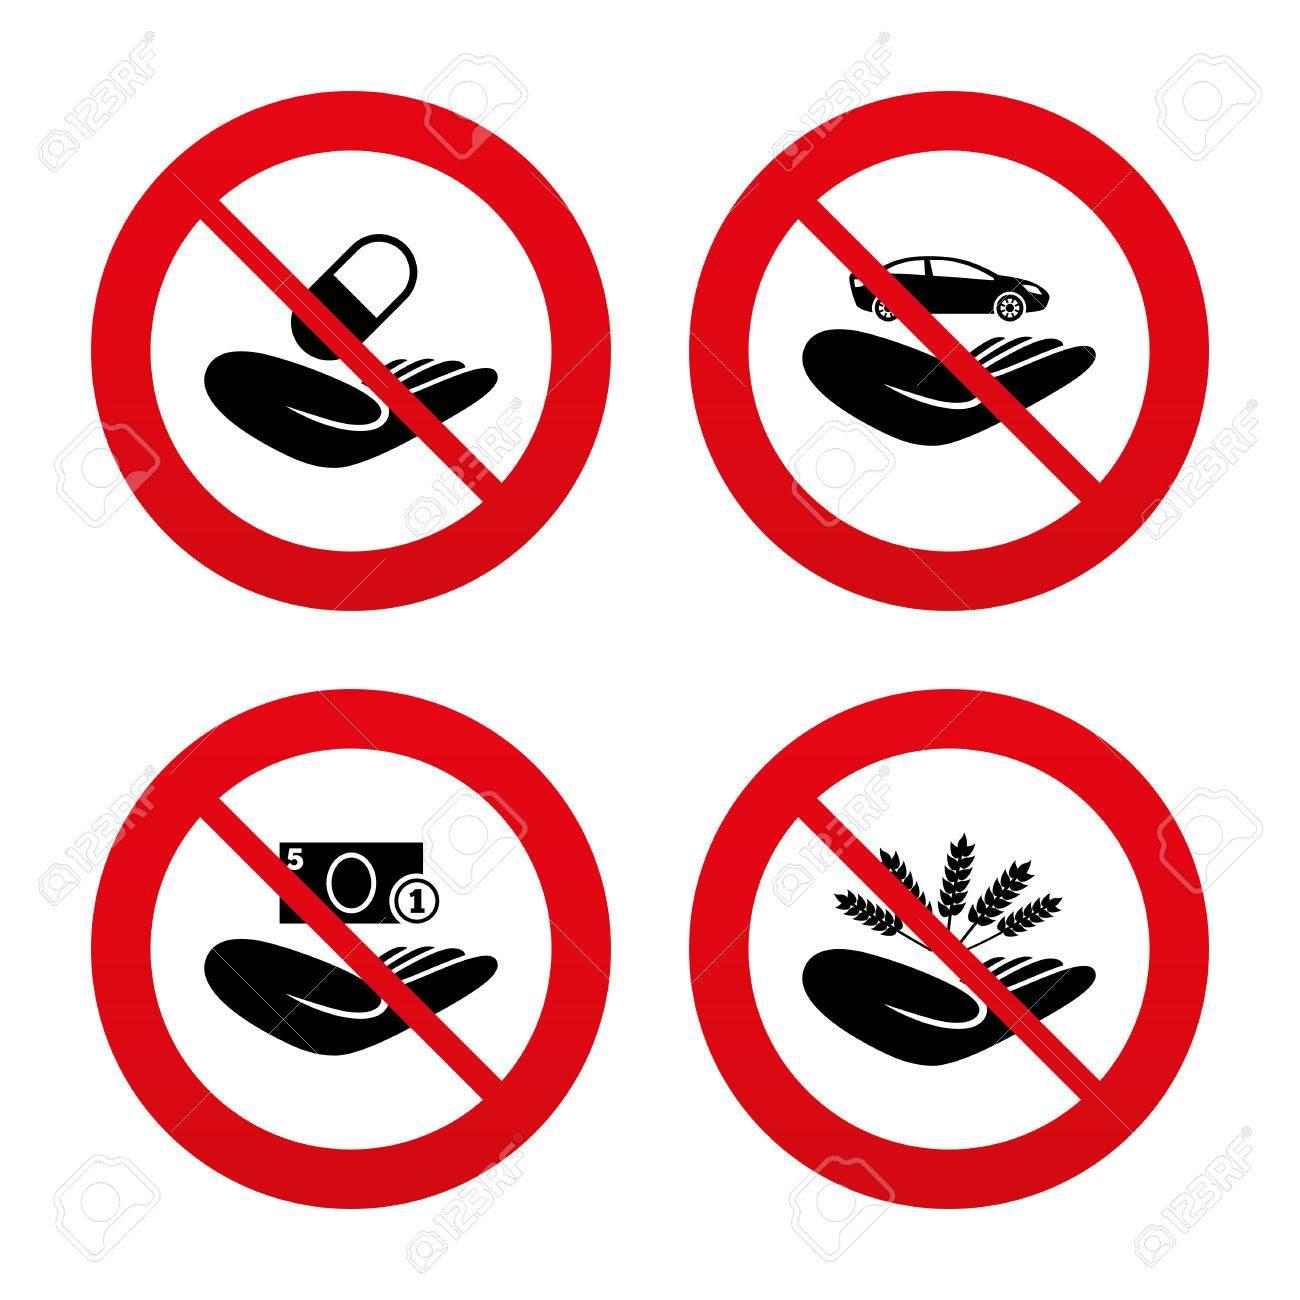 Nein, Ban Oder Stoppschilder. Helfende Hände Symbole. Schutz Und ...